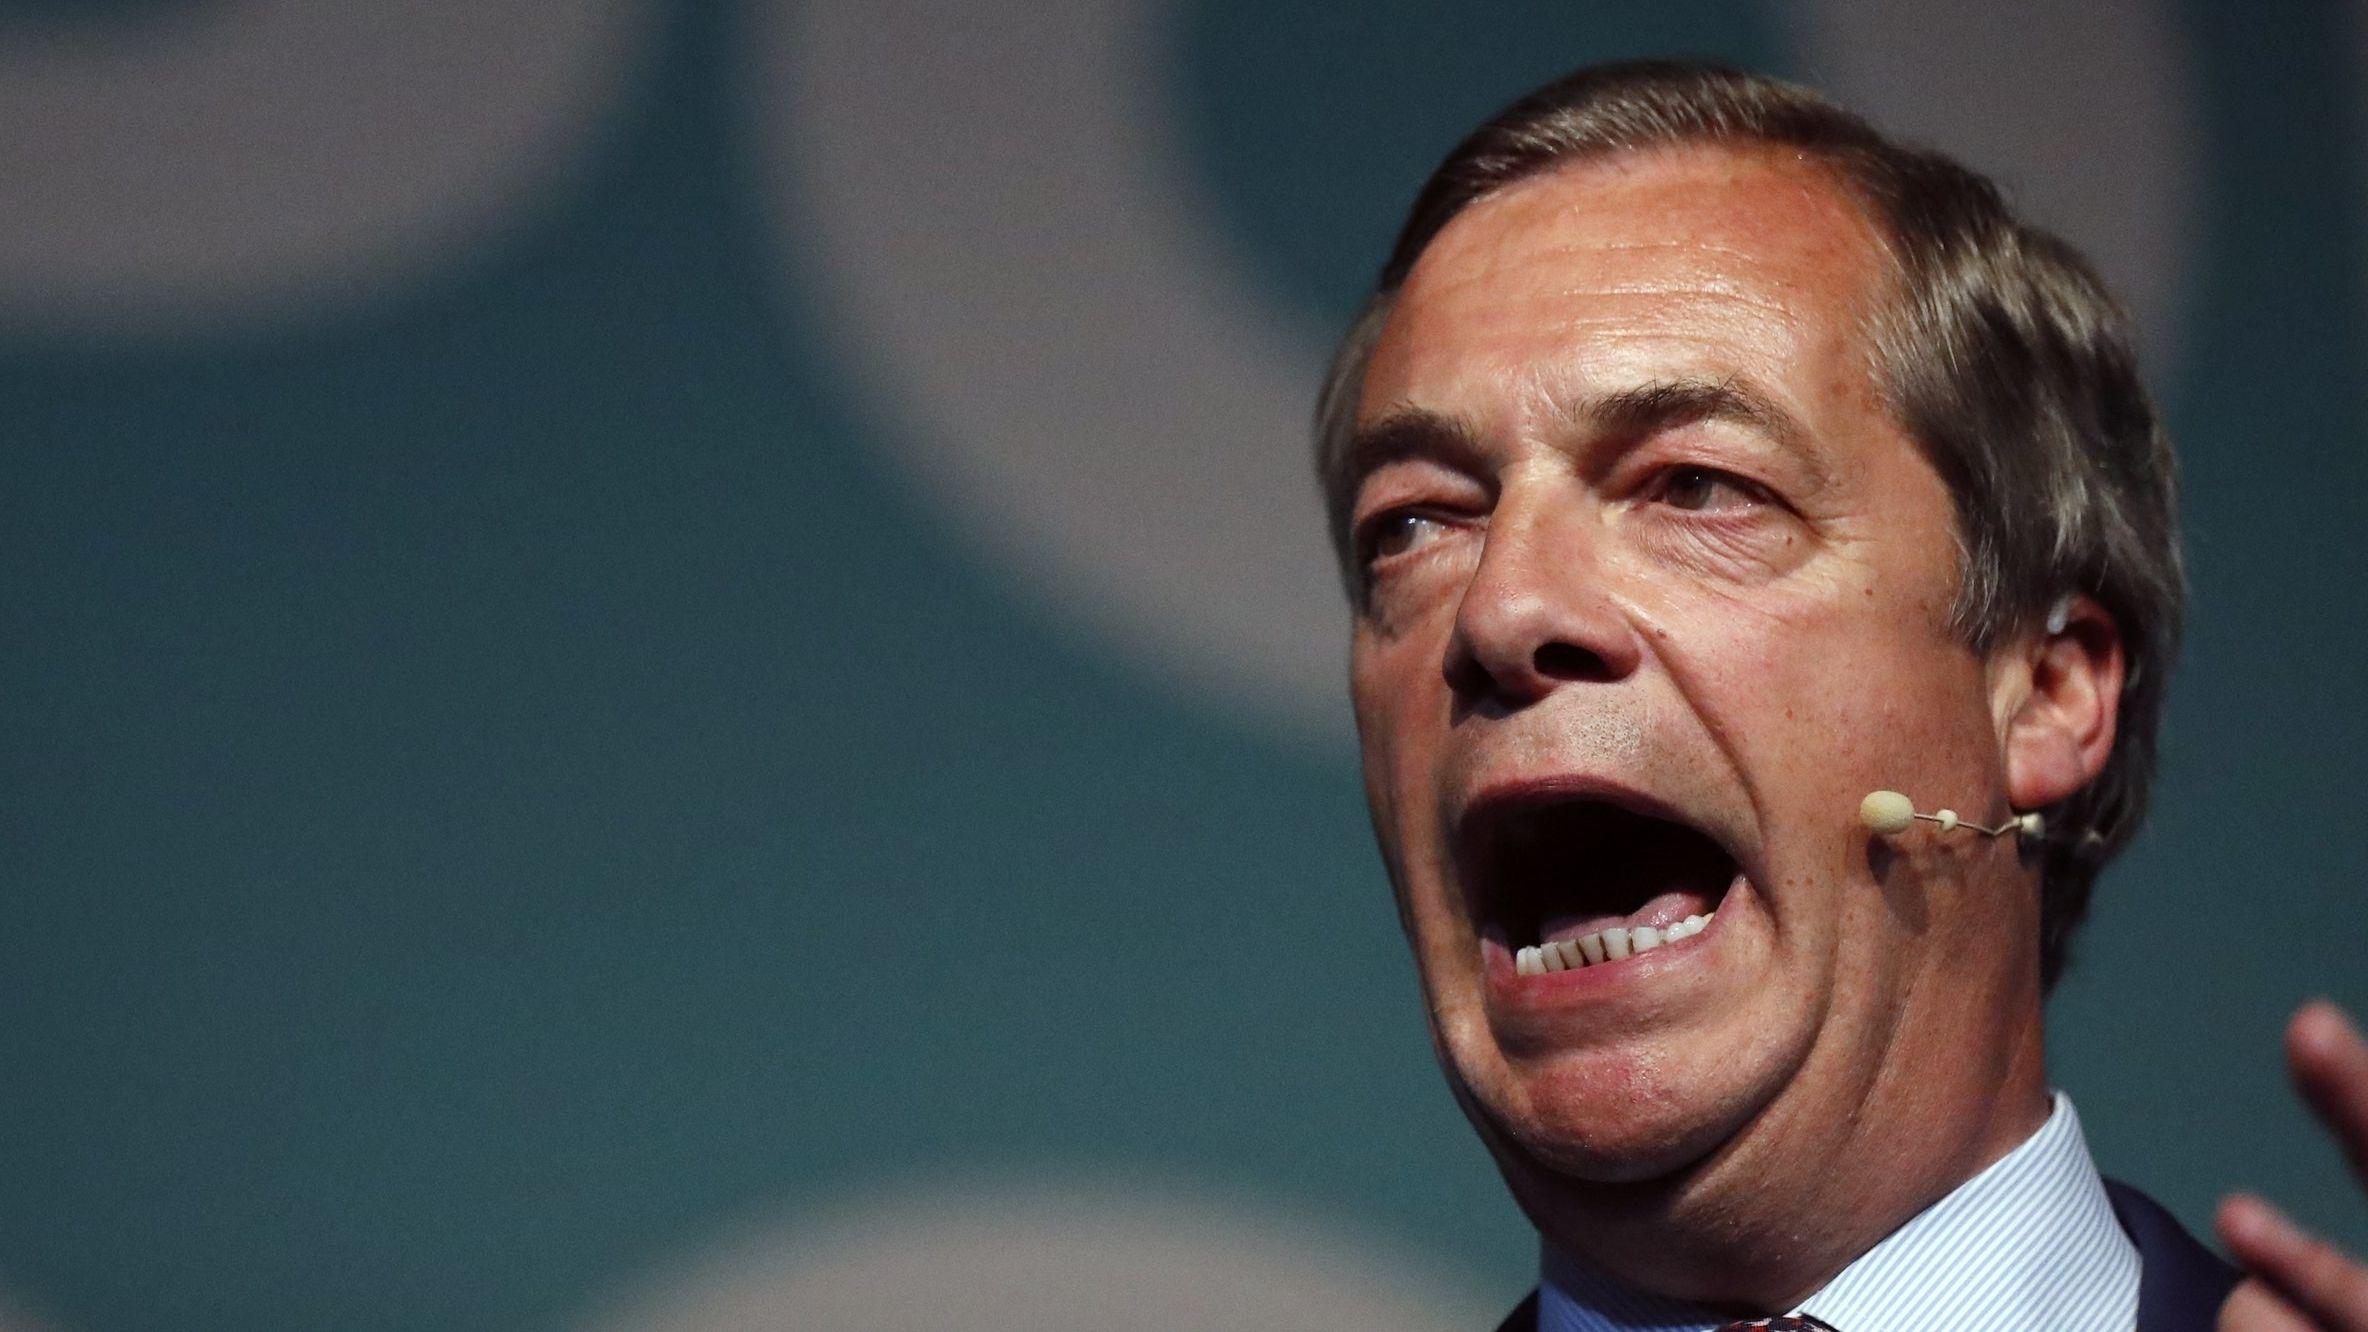 Nigel Farage, EU-Abgeordneter für Großbritannien und Vorsitzender der Brexit-Partei, ist einer der Gewinner der Europawahl